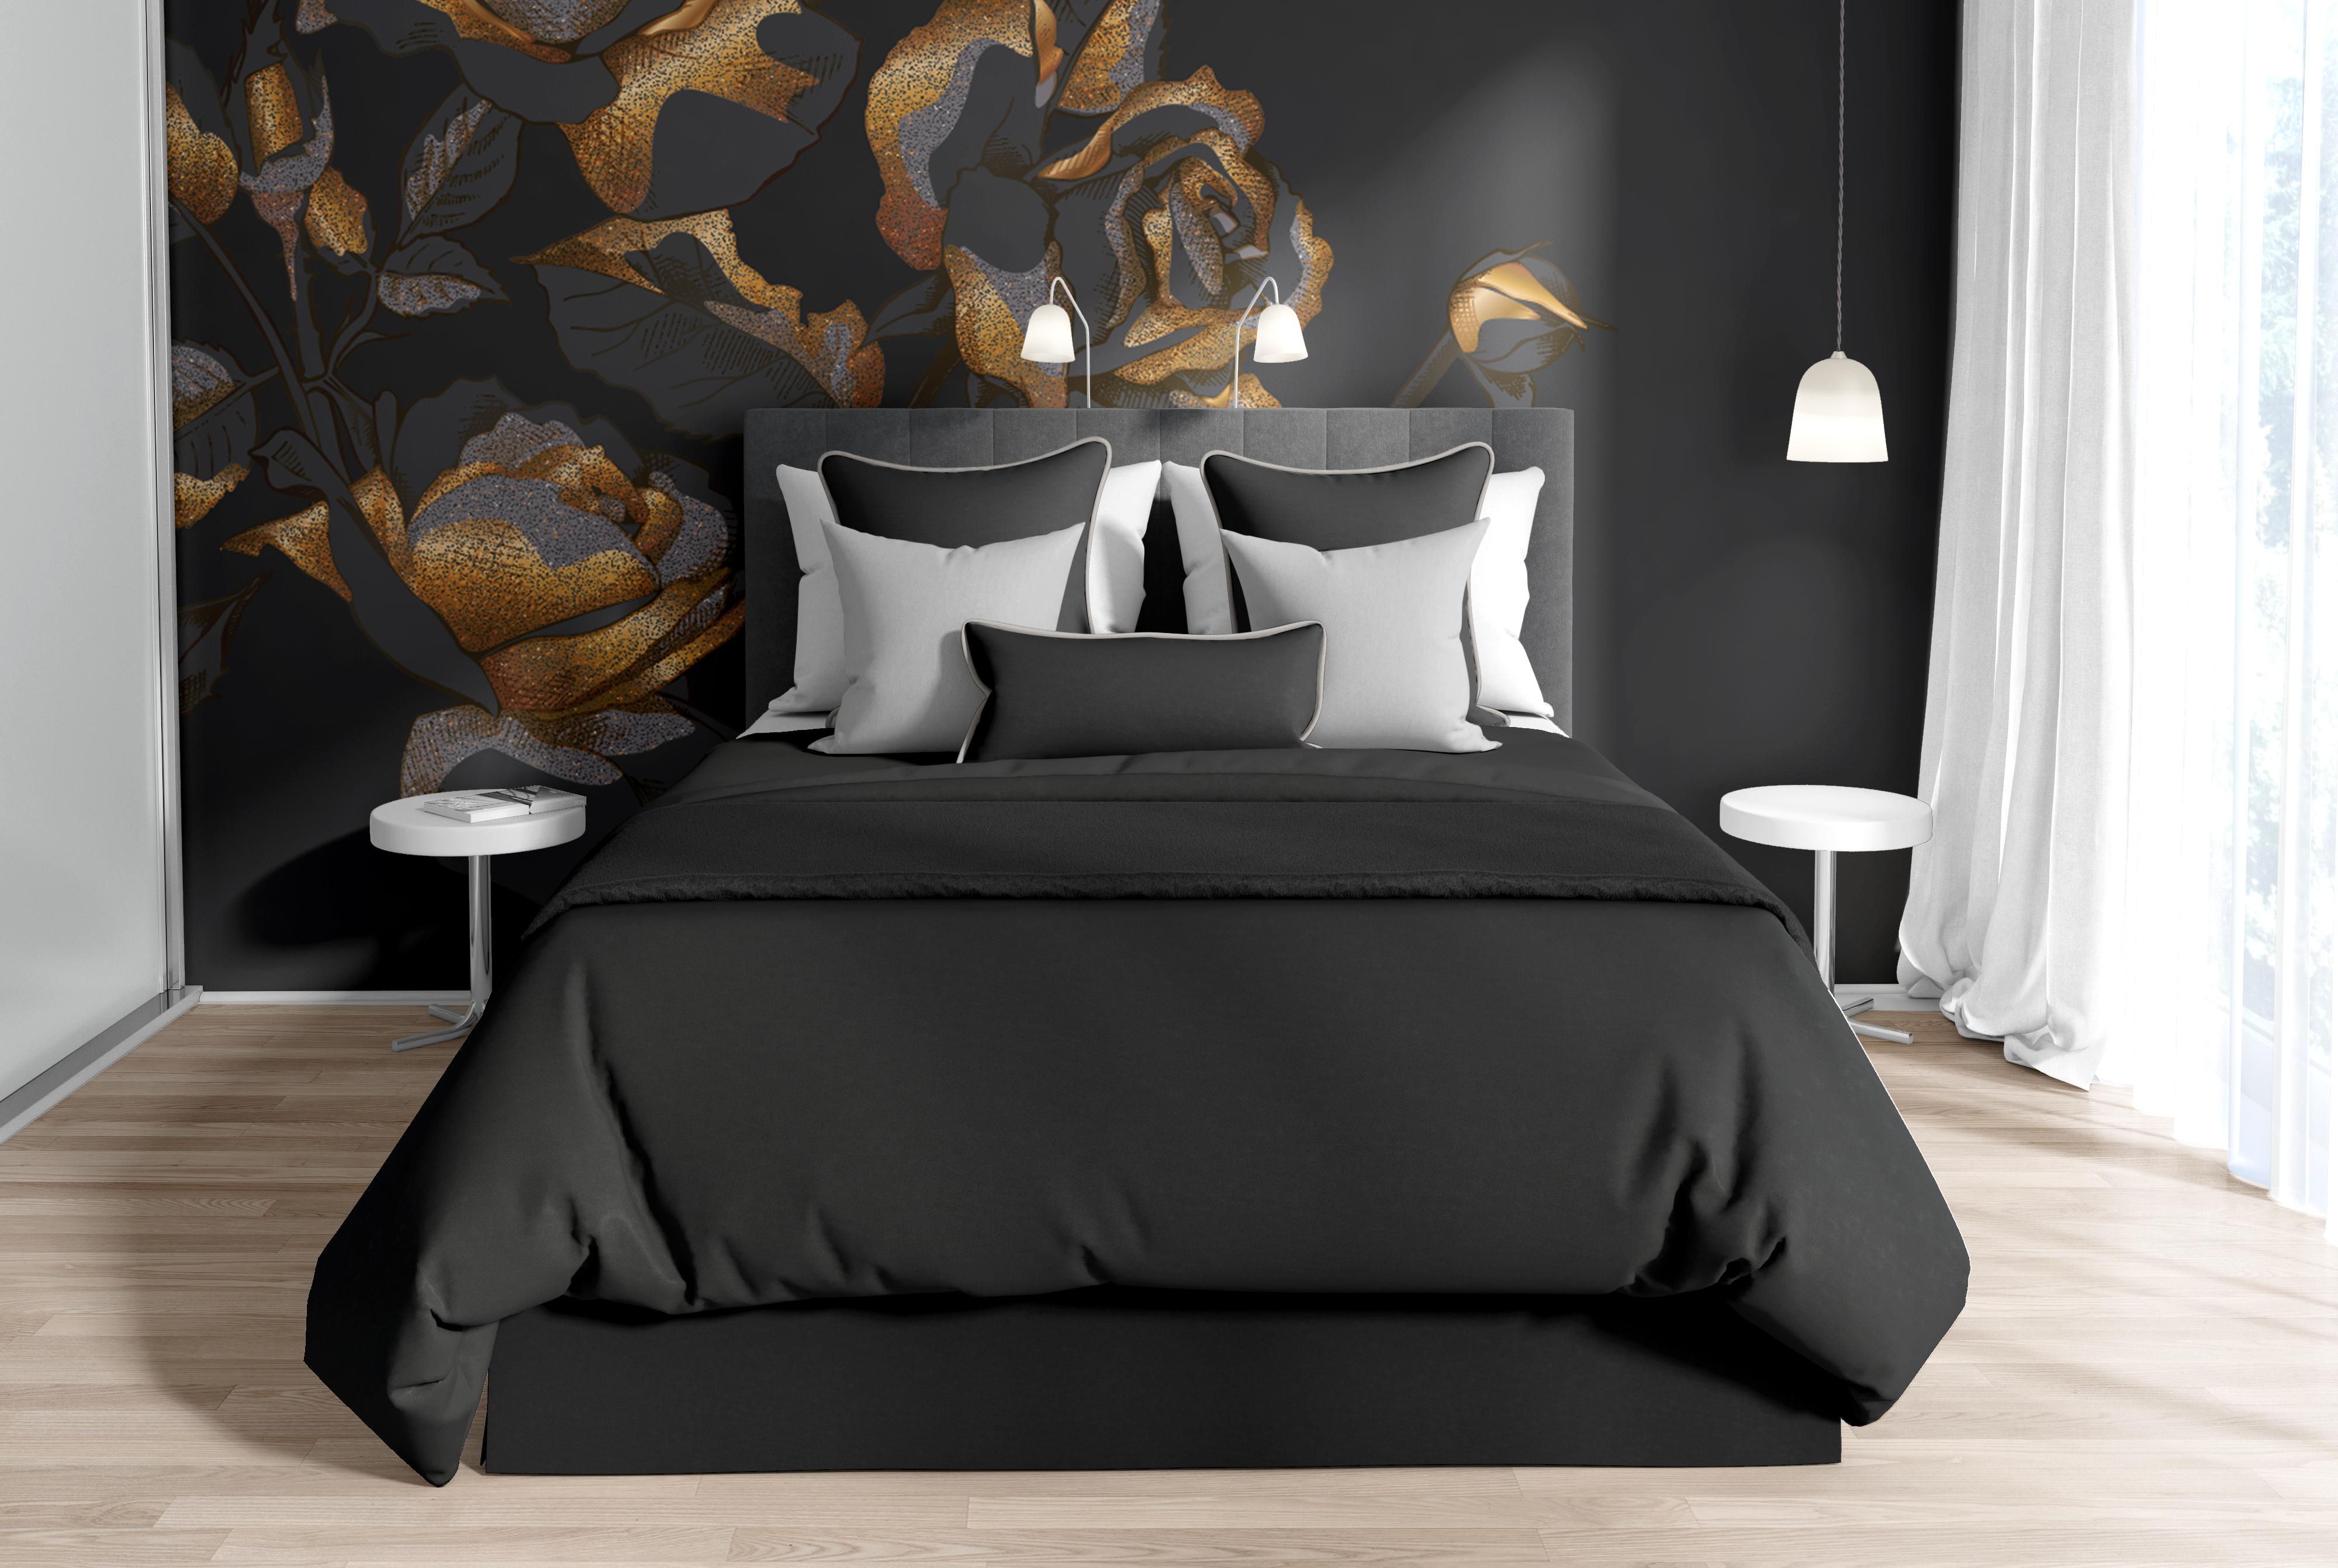 Home Staging Chambre Adulte guide: la parfaite chambre à coucher | magazine | la pièce